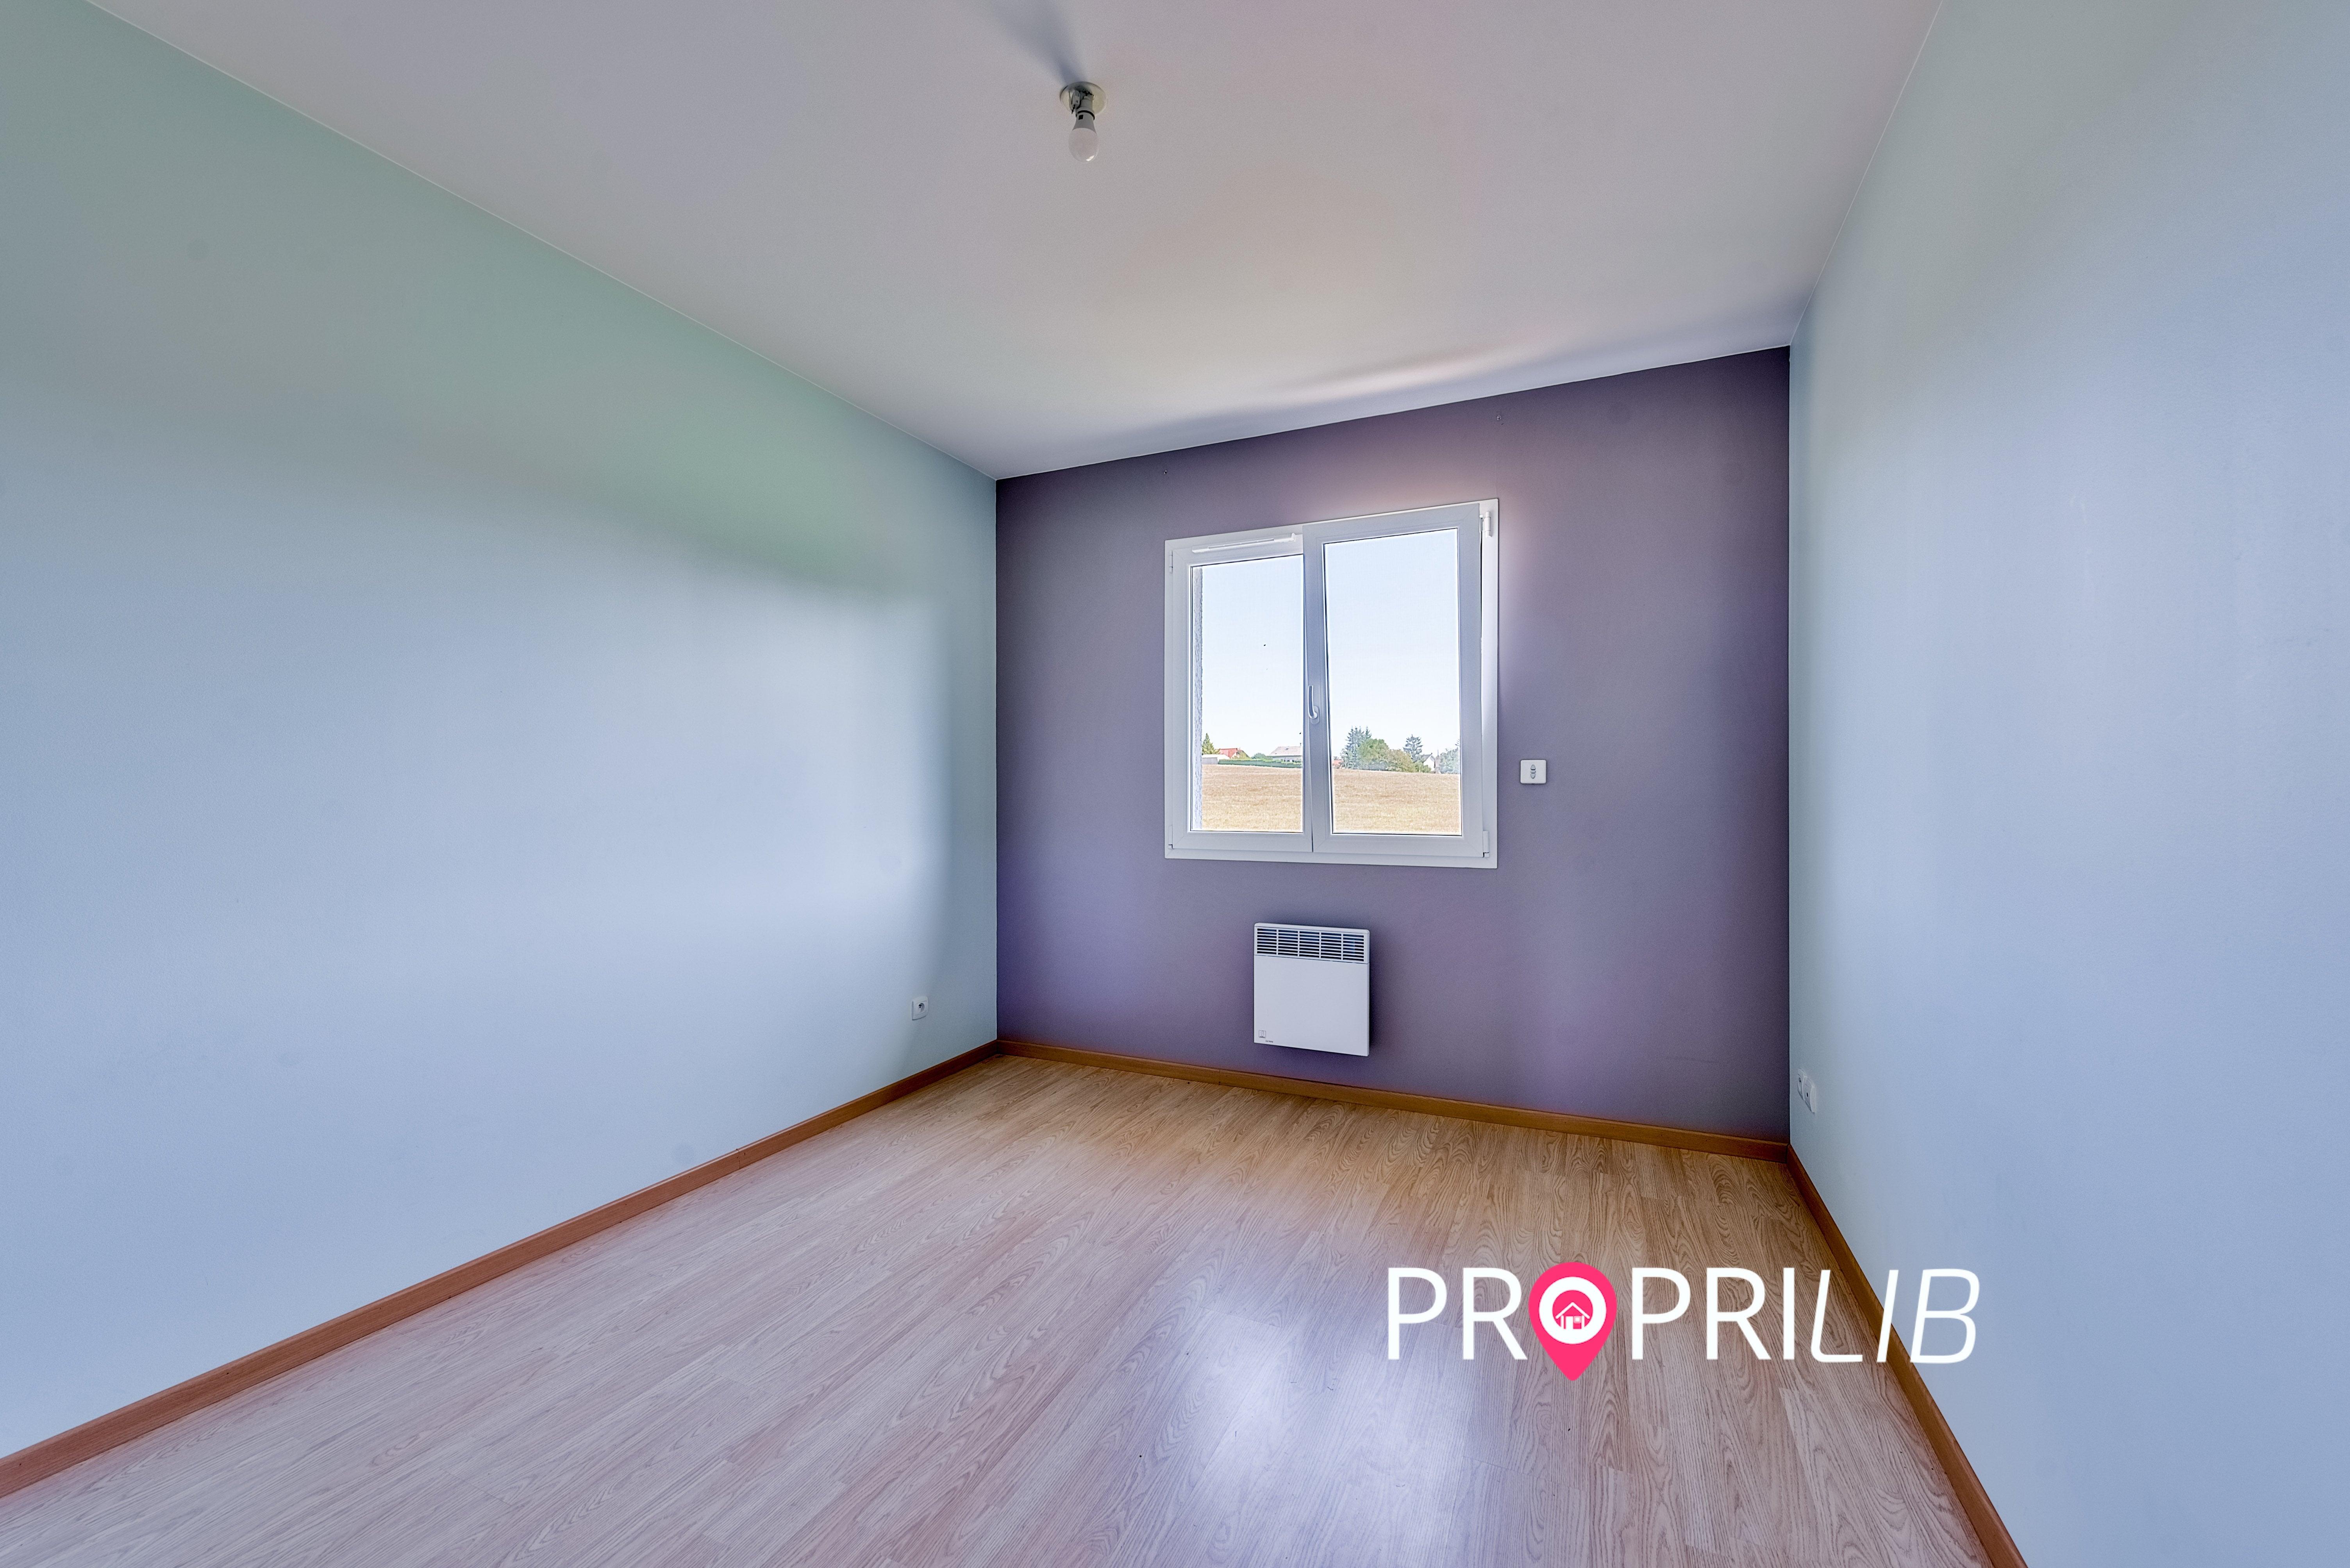 PropriLib l'agence immobilière en ligne au forfait vend cette maison à Meyrieu-les-Etangs